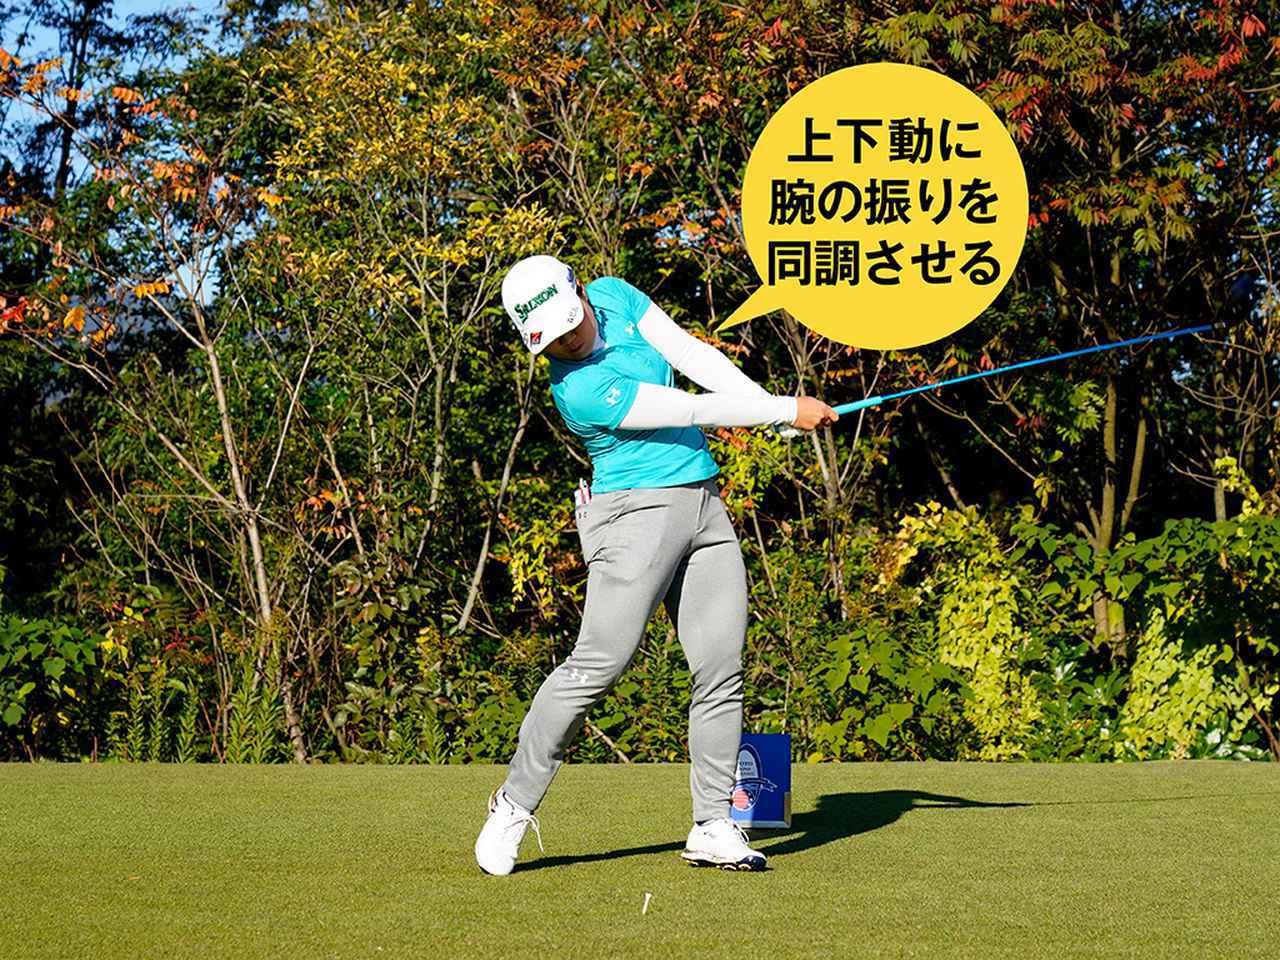 画像10: 【畑岡奈紗】フットワークで腕とクラブを振るパワフルスウィング! 目指すは世界ランキングナンバー1